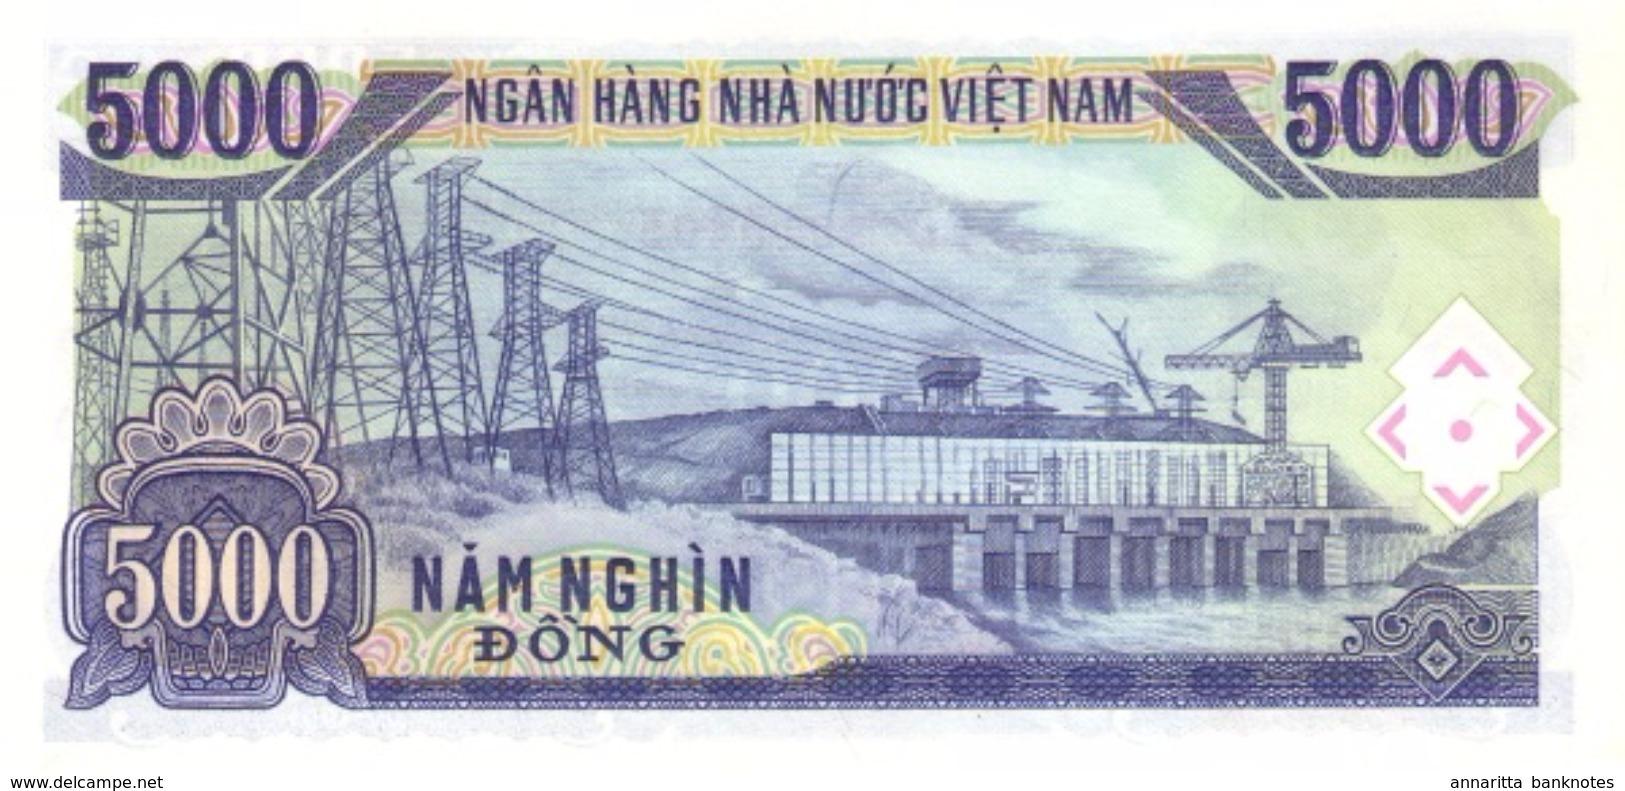 VIETNAM 5000 DONG 1991 (1993) P-108a NEUF [VN336a] - Vietnam